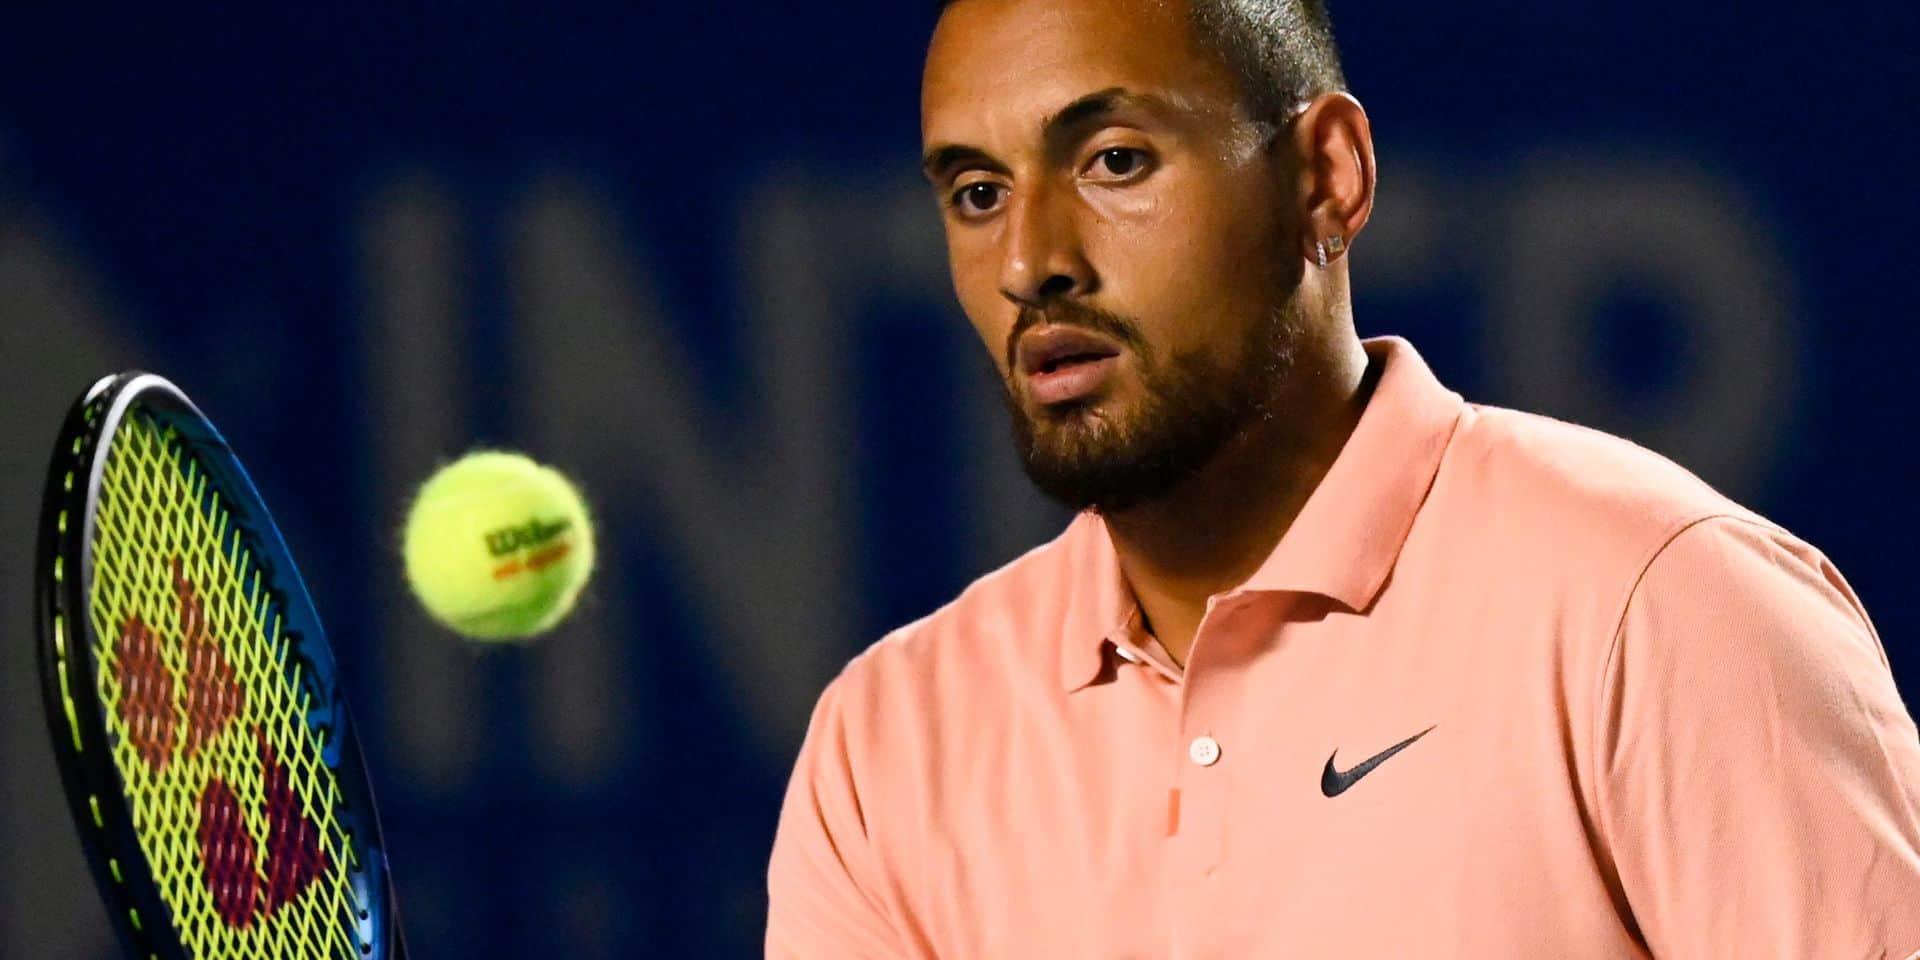 Tennis: WTA tour 2020 - Acapulco Open: Day 3